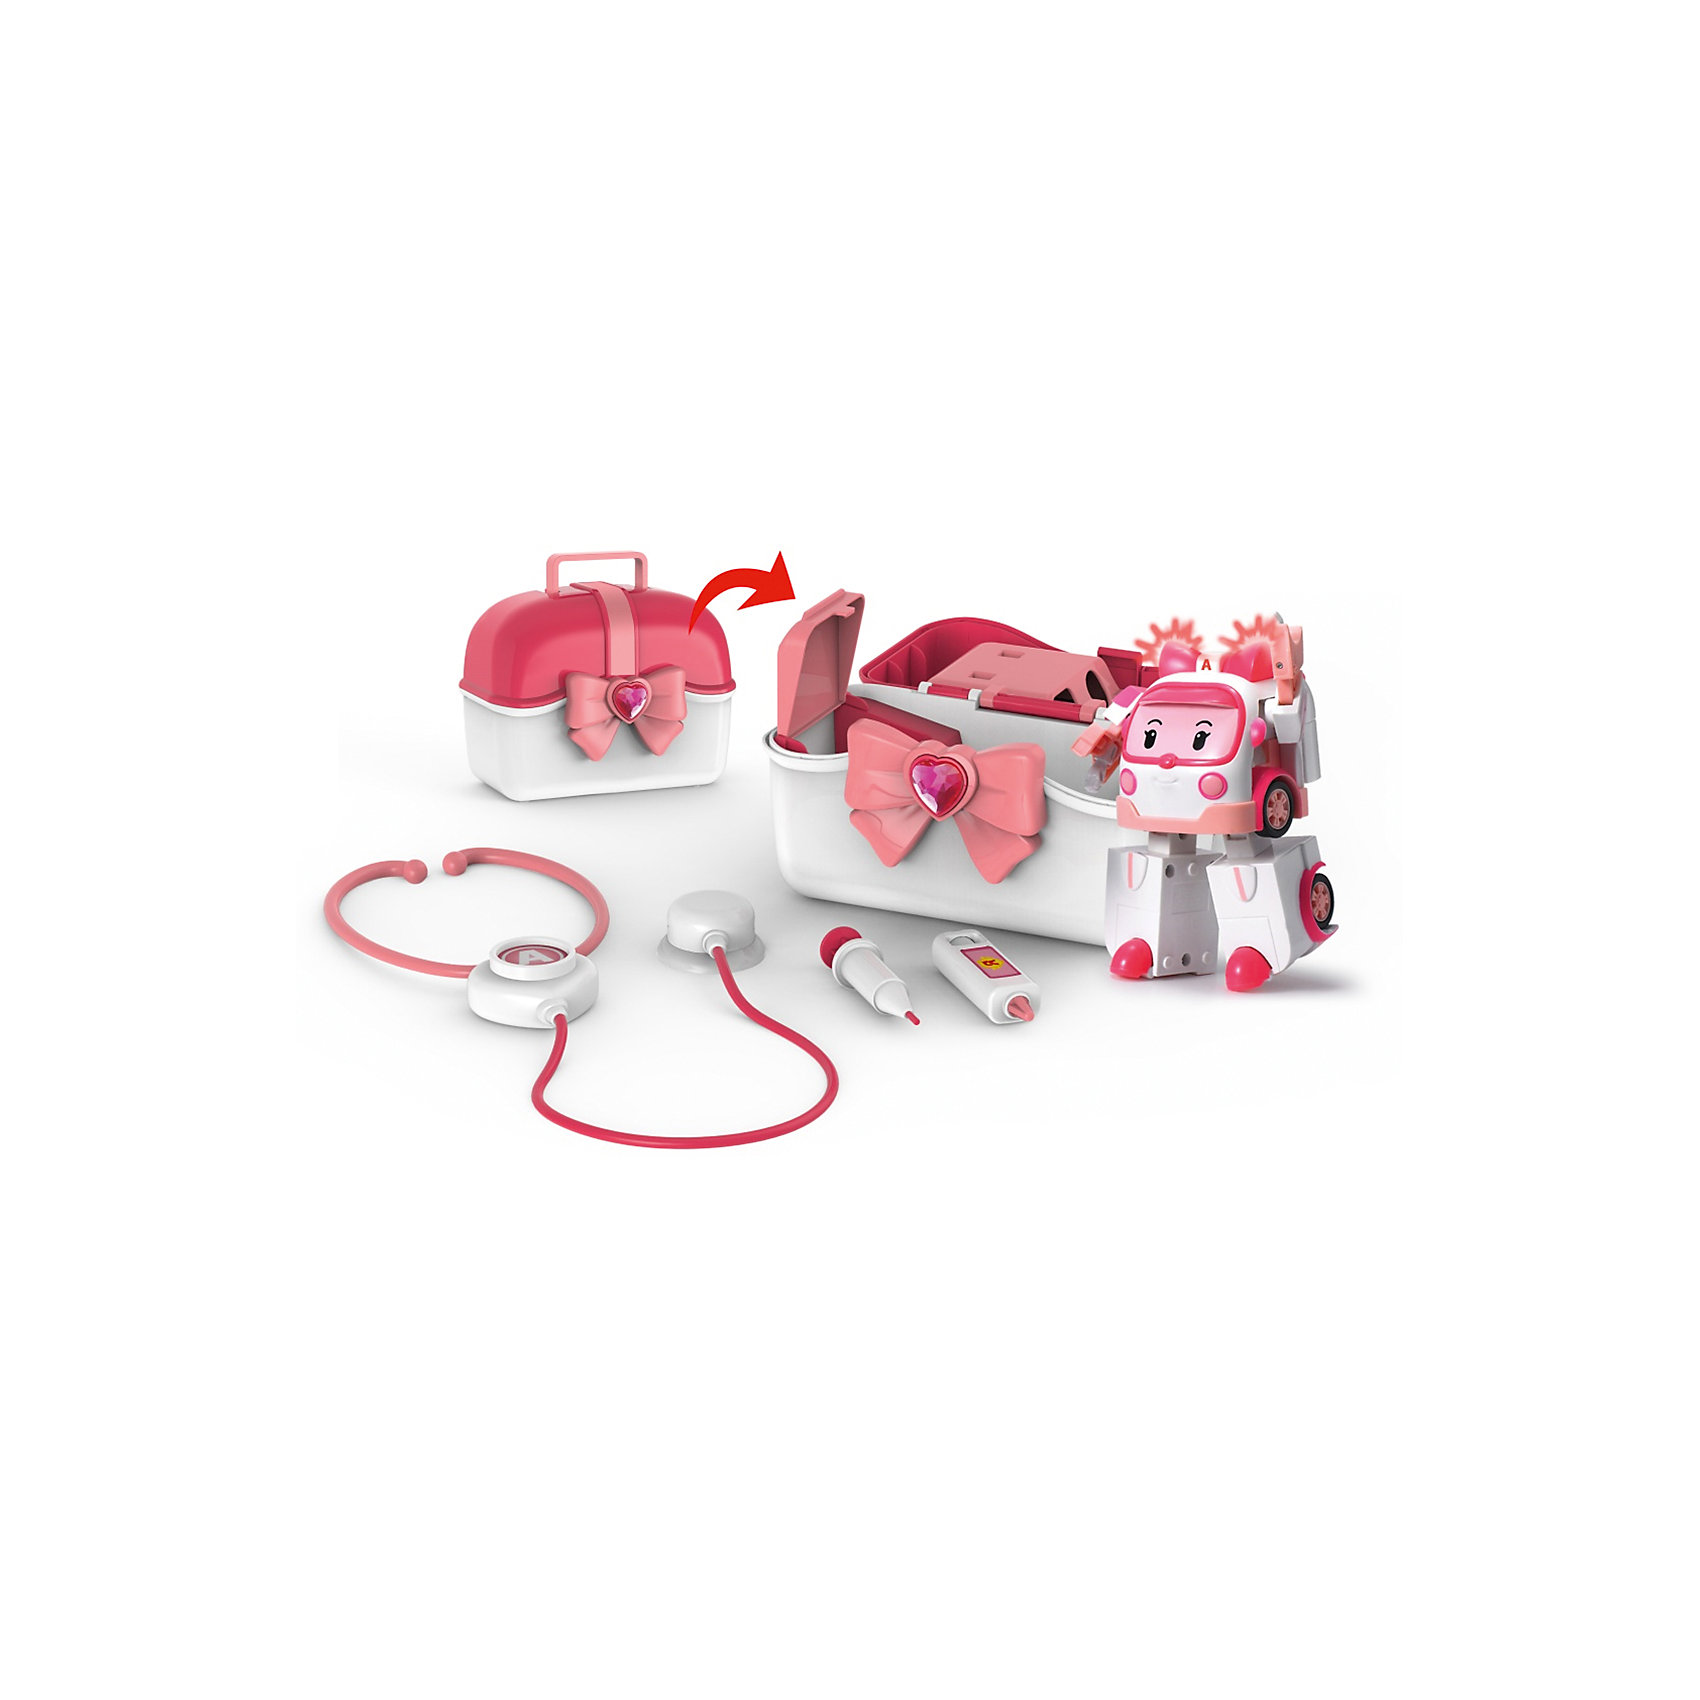 Кейс с трансформером Эмбер 12,5 см, Робокар ПолиИгровые наборы<br>Характеристики:<br><br>• Предназначение: для сюжетно-ролевых и подвижных игр<br>• Пол: для девочек<br>• Коллекция: Робокар Поли и его друзья<br>• Материал: пластик<br>• Комплектация: машинка, кейс, стетоскоп, шприц, градусник<br>• Световые эффекты<br>• Робот трансформируется в машинку<br>• У машини инерционный механизм<br>• Вес: 1 кг 087 г<br>• Размеры упаковки (Д*В*Ш): 13*22*36 см<br>• Упаковка: картонная коробка с блистером<br>• Особенности ухода: сухая или влажная чистка<br><br>Кейс с трансформером Эмбер, 12,5 см, Робокар Поли – этот  набор производителем которого является торговый бренд Silverlit, специализирующийся на выпуске высокотехнологических игрушек. Машинка в образе Эмбер из мультсериала Робокар Поли и его друзья выполнена из ударопрочного и нетоксичного пластика. В комплекте предусмотрены медицинские инструменты: стетоскоп, шприц и градусник. Машинка в три приема может трансформироваться в робота и наоборот. <br><br>У игрушки предусмотрен инерционный механизм, во время движения машинки начинает светиться мигалка. Машинка Поли и аксессуары упакованы в чемоданчик, поэтому набор удобно брать с собой в поездки и путешествия. Подвижные или сюжетно-ролевые игры с машинками  будут способствовать развитию координации движений, фантазии и воображения, а также позволят воспроизвести наиболее понравившиеся сюжеты с любимыми героями.<br><br>Кейс с трансформером Эмбер, 12,5 см, Робокар Поли можно купить в нашем интернет-магазине.<br><br>Ширина мм: 356<br>Глубина мм: 216<br>Высота мм: 133<br>Вес г: 1087<br>Возраст от месяцев: 36<br>Возраст до месяцев: 84<br>Пол: Женский<br>Возраст: Детский<br>SKU: 4345026